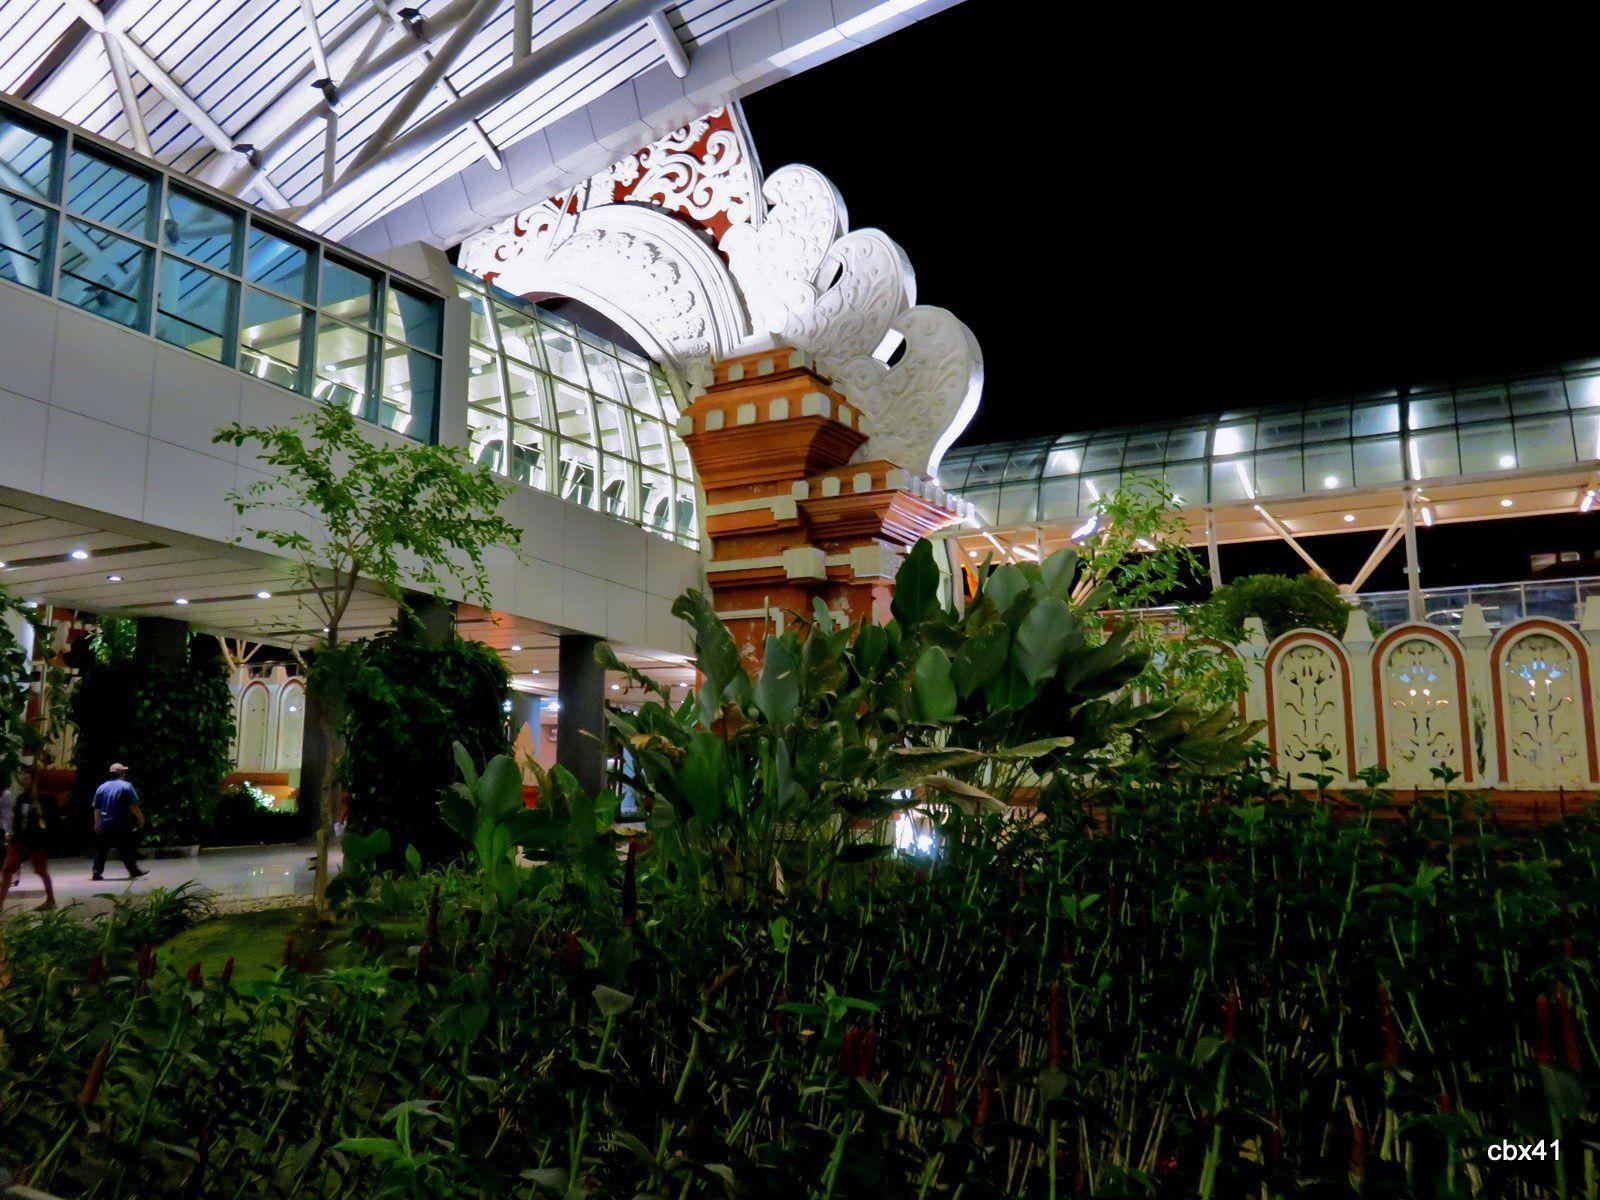 Aéroport de Denpasar, Bali (Indonésie)